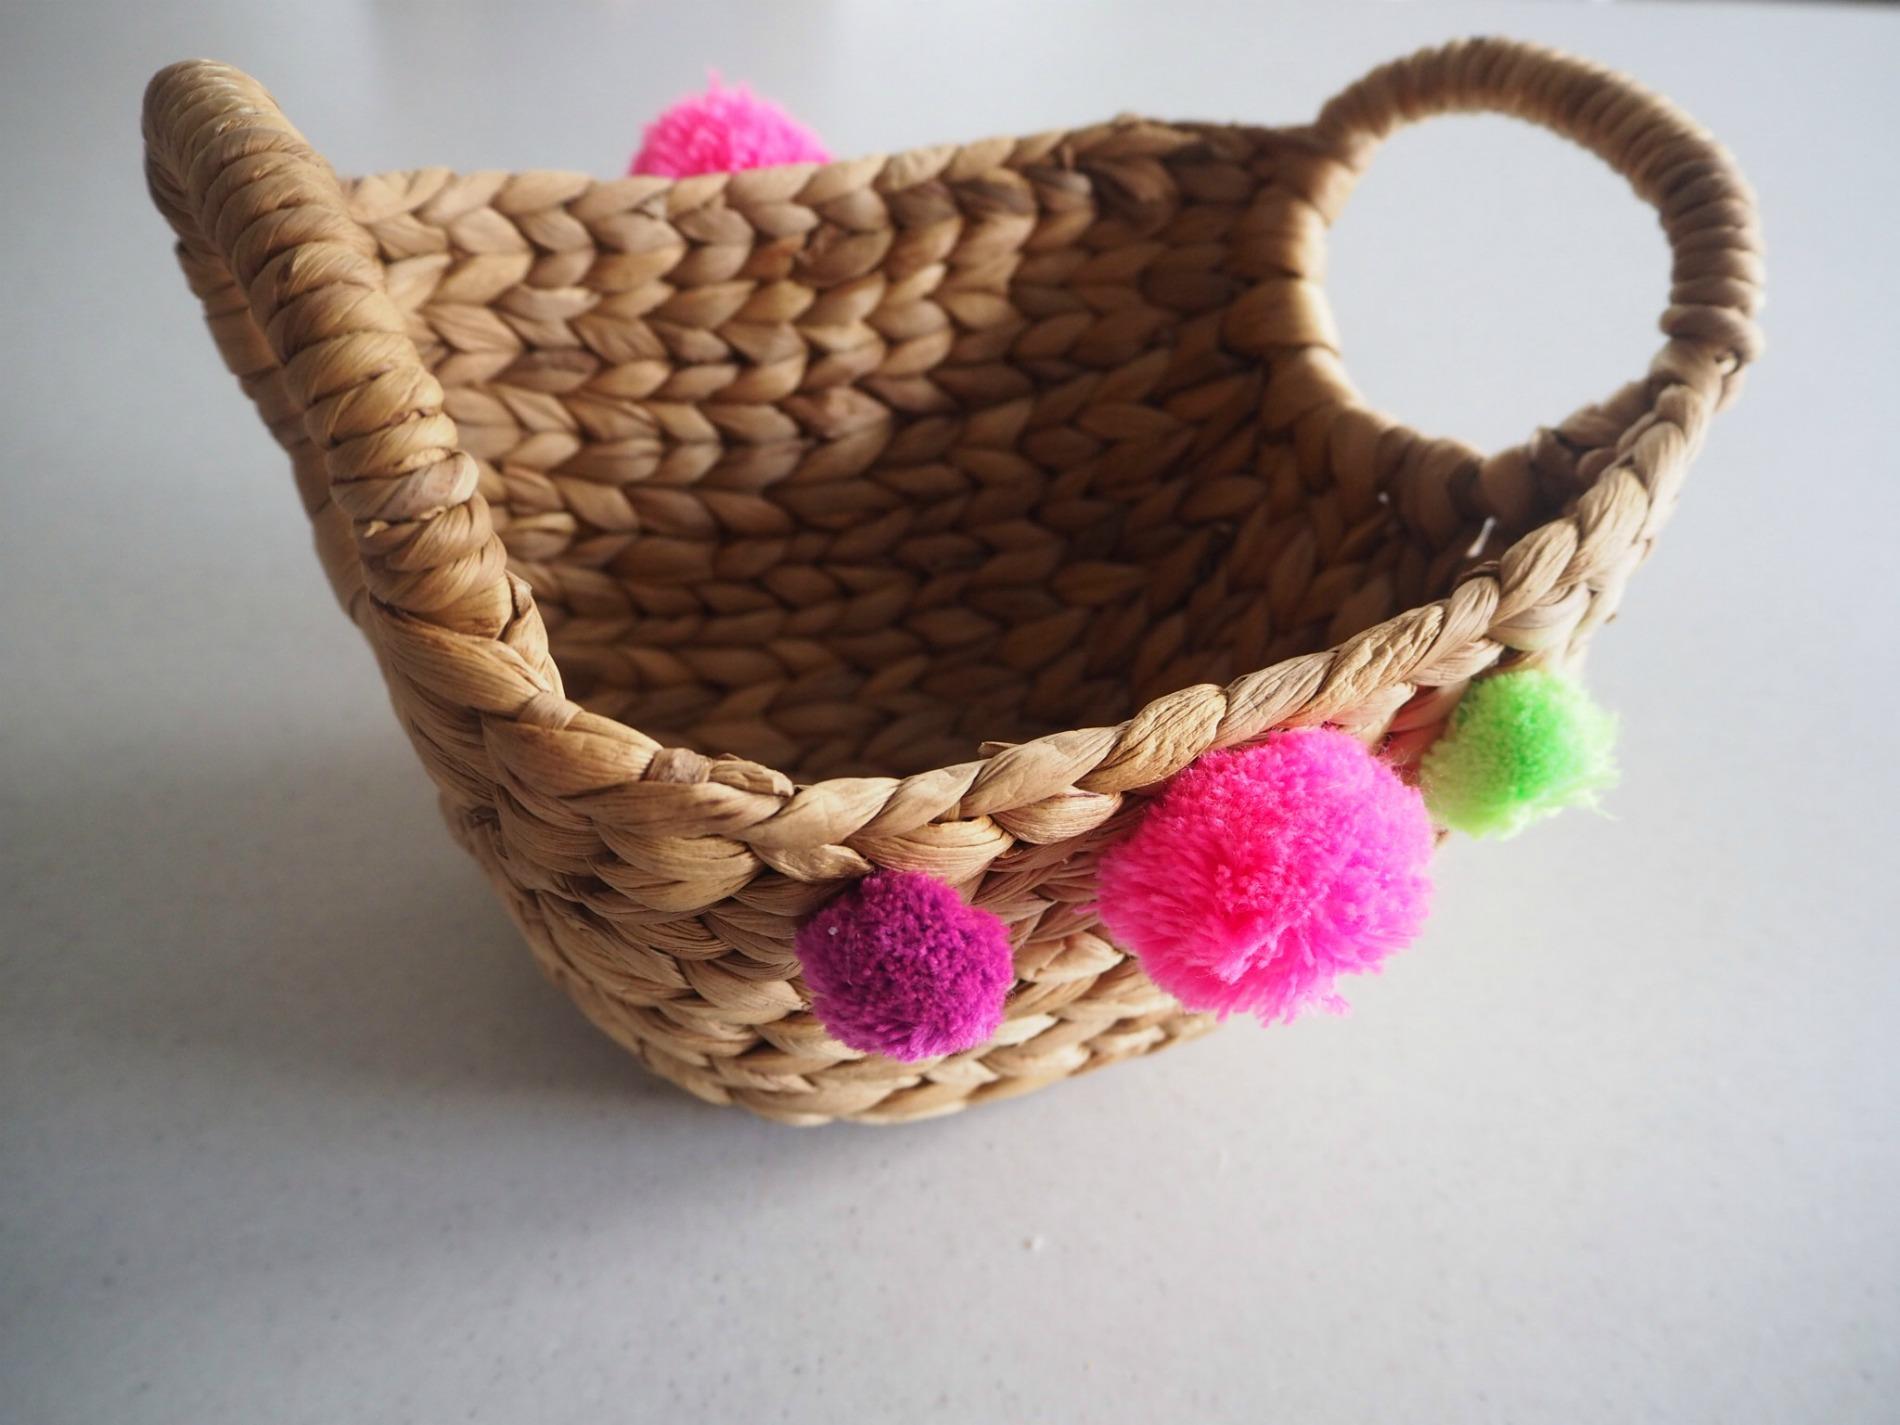 DIY Pom pom gift basket